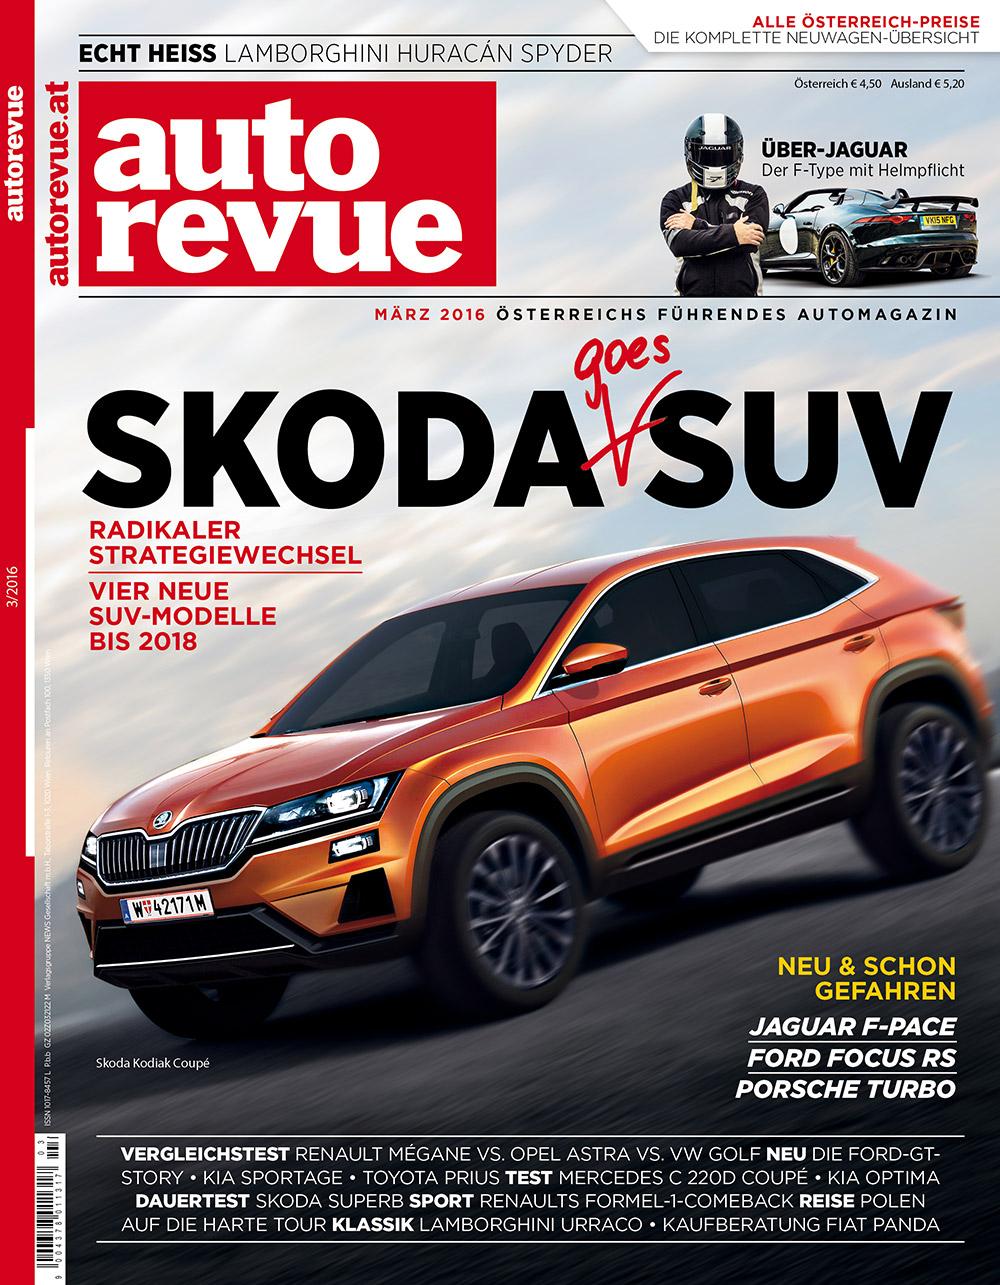 Autorevue-cover-maerz-2016